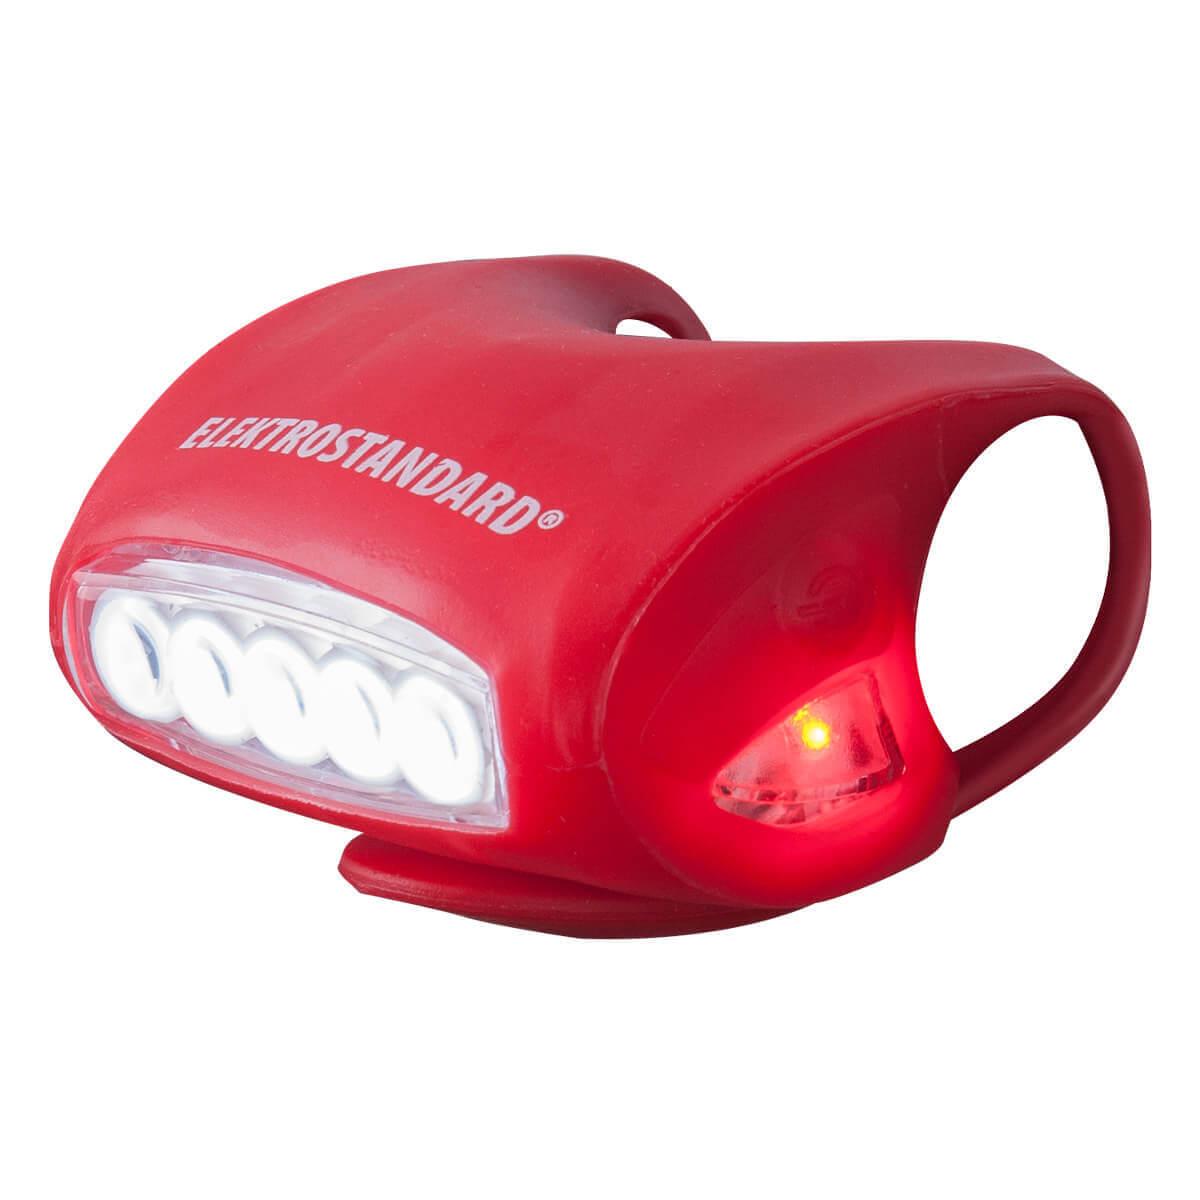 Фонарик Elektrostandard 4690389087639 Forward фонарь светодиодный solaris f 30v велосипедный с комплектацией